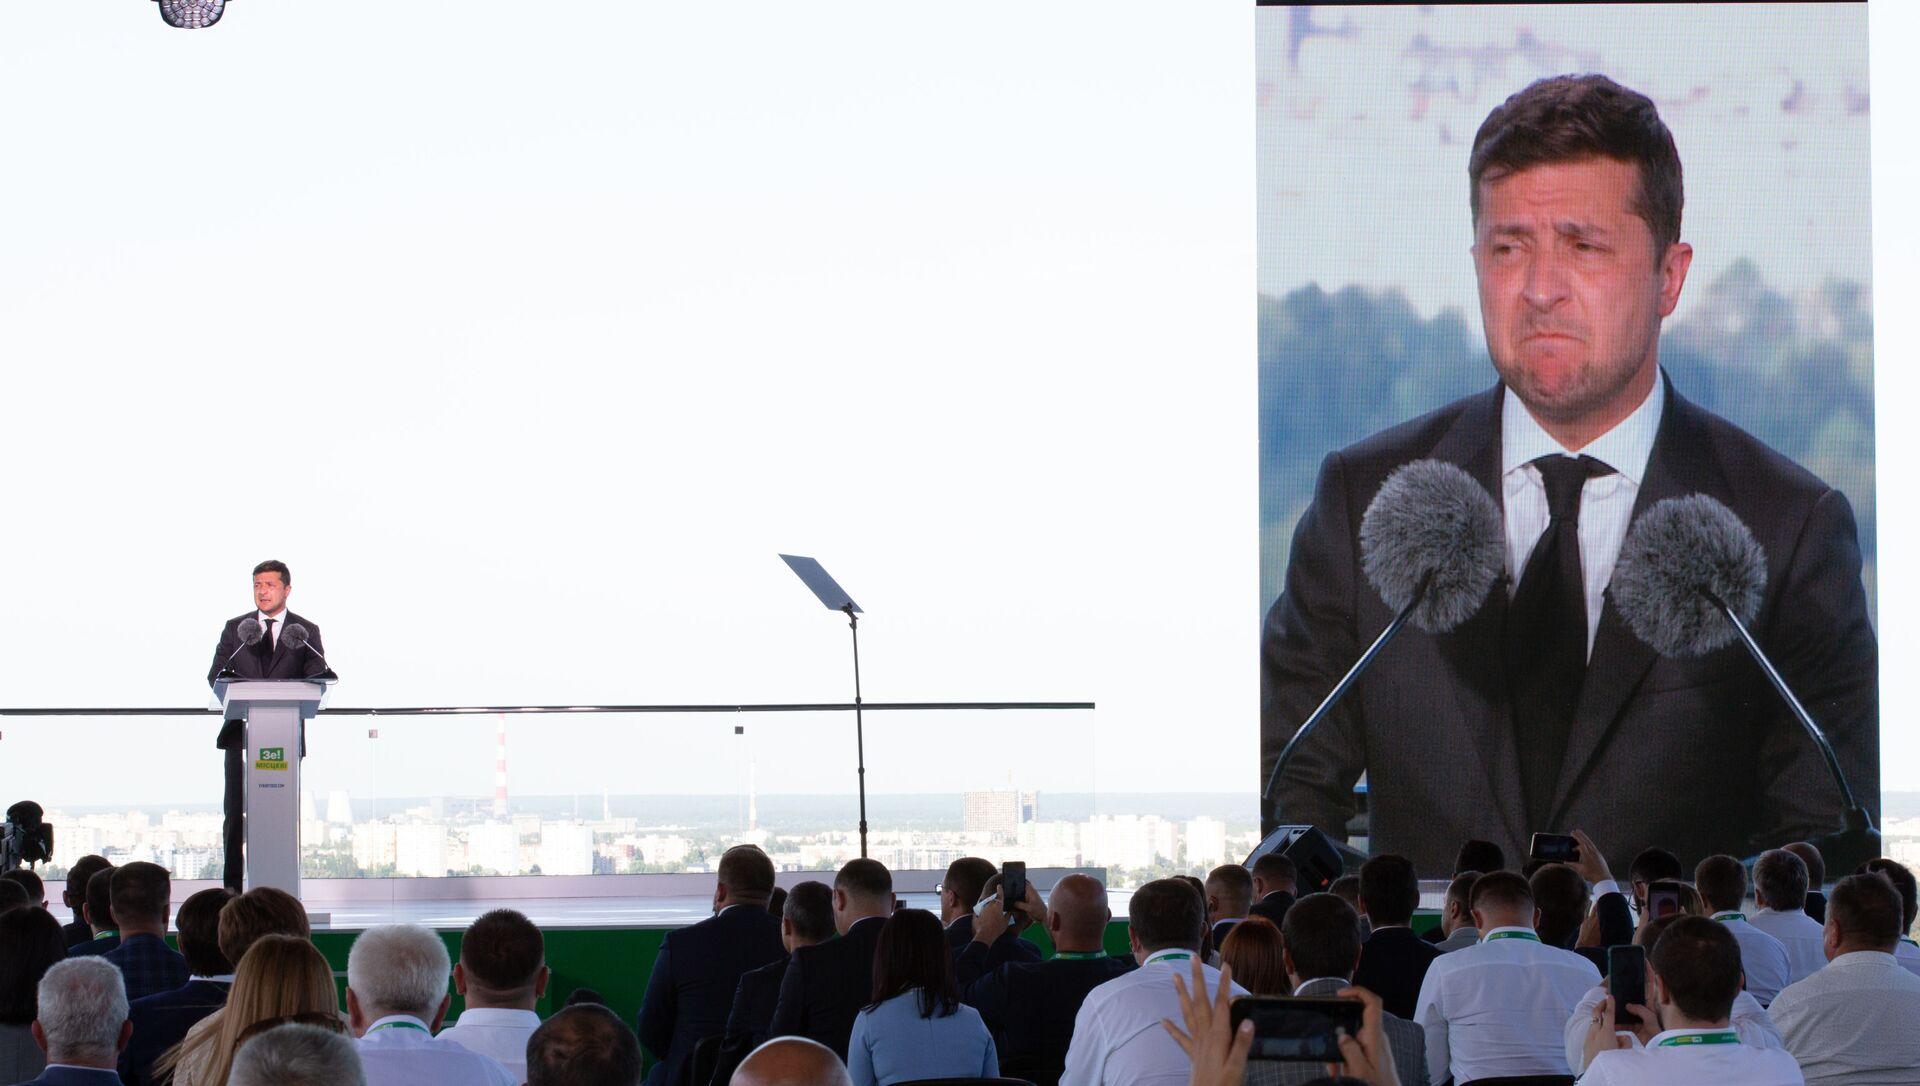 Prezydent Ukrainy Wołodymyr Zełenski na zjeździe partii Sługa Narodu w Kijowie. - Sputnik Polska, 1920, 01.03.2021